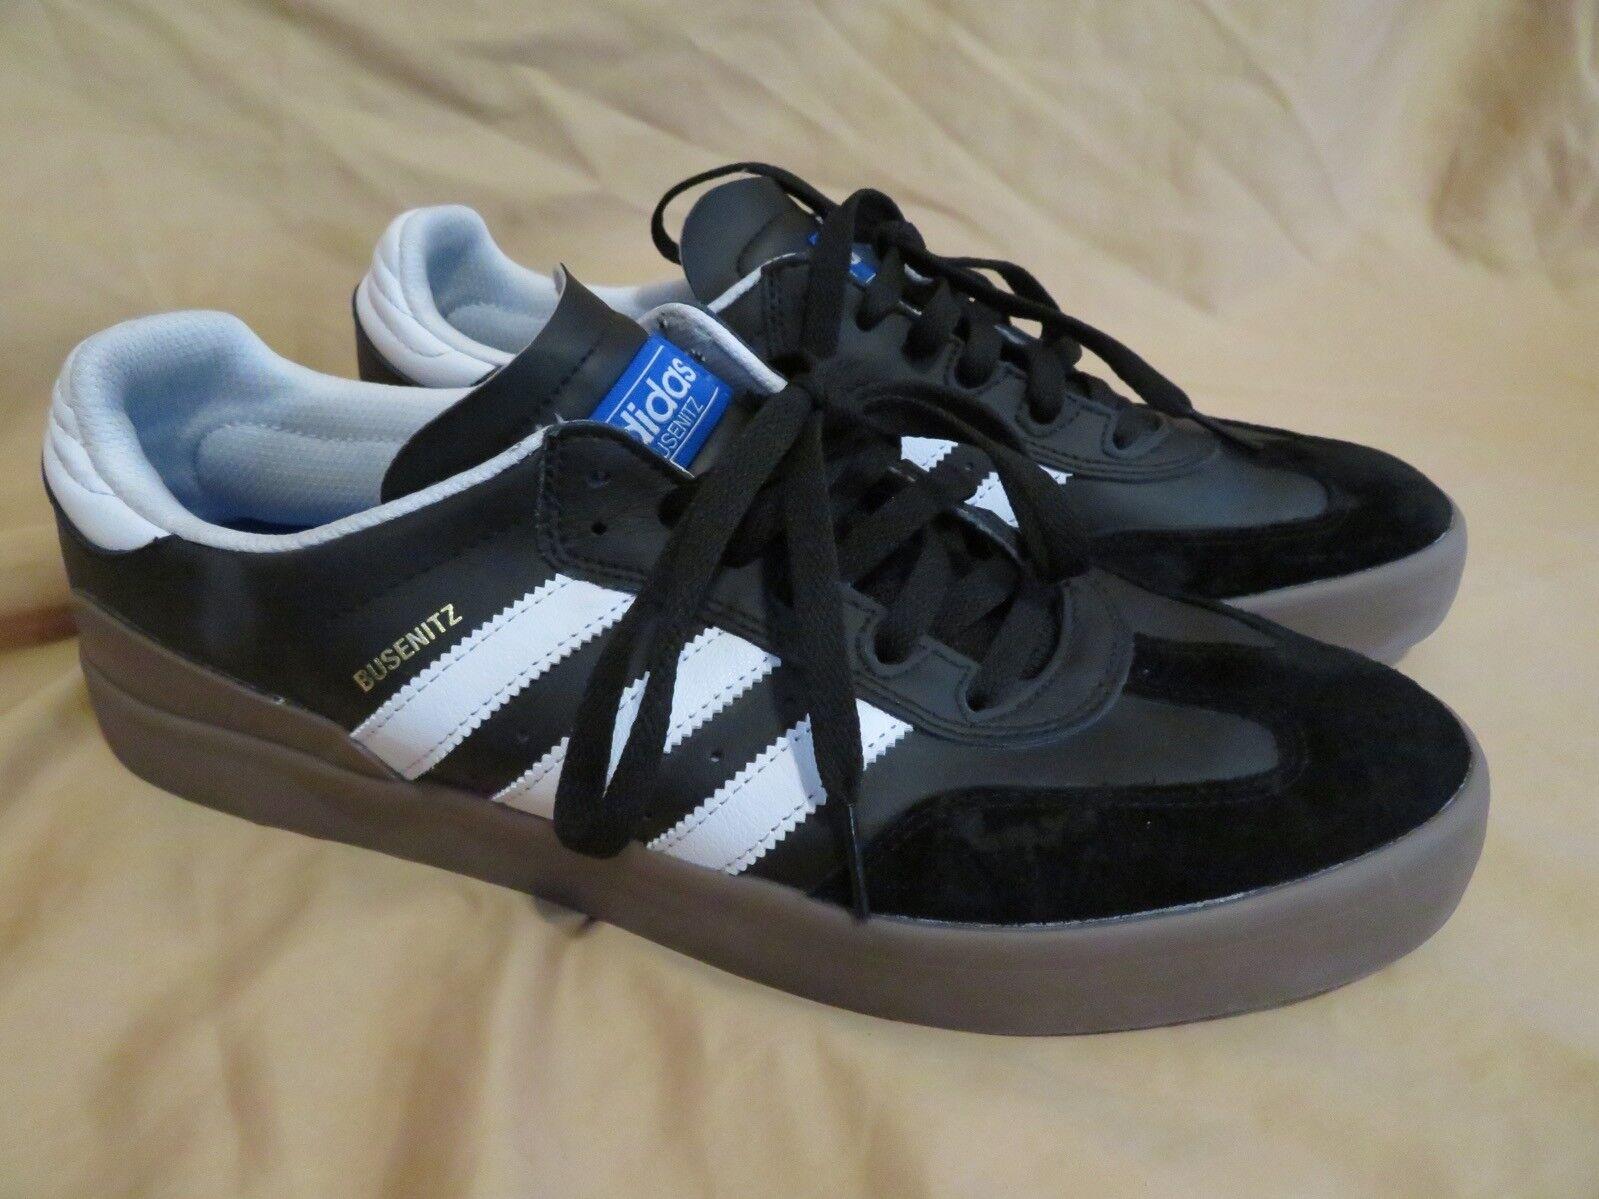 de nouvelles baskets adidas busenzit hommes en noir et de blanc de et chewing - gum vulc skateboard chaussures taille 12 b07e6f